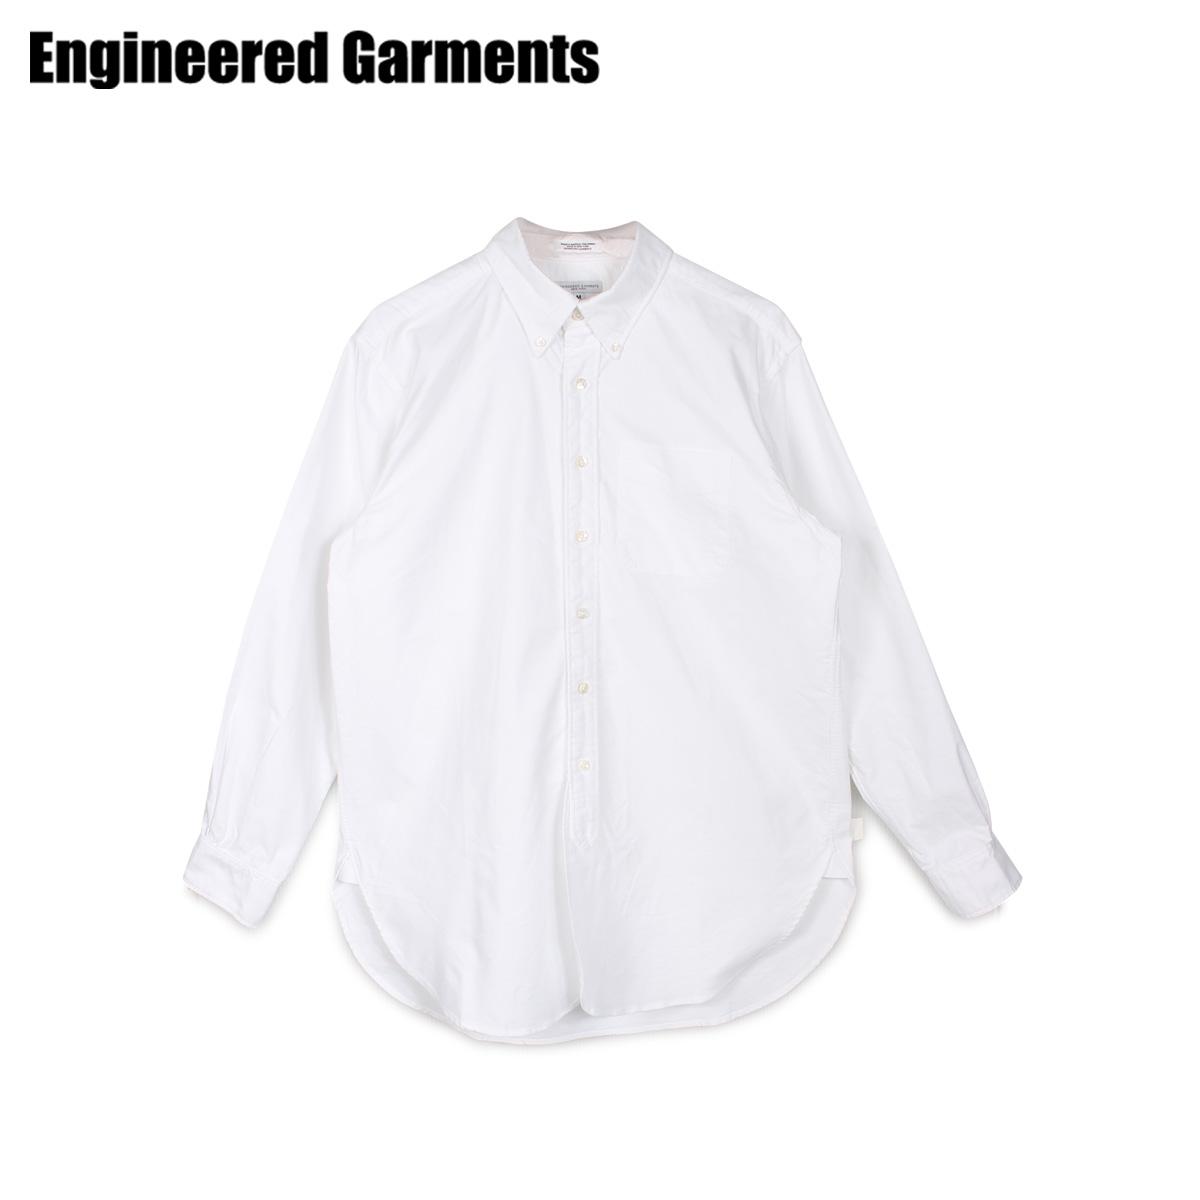 【最大2000円OFFクーポン】 エンジニアドガーメンツ ENGINEERED GARMENTS シャツ 長袖 オックスフォードシャツ メンズ 19 CENTURY BD SHIRT ホワイト 白 20S1A001